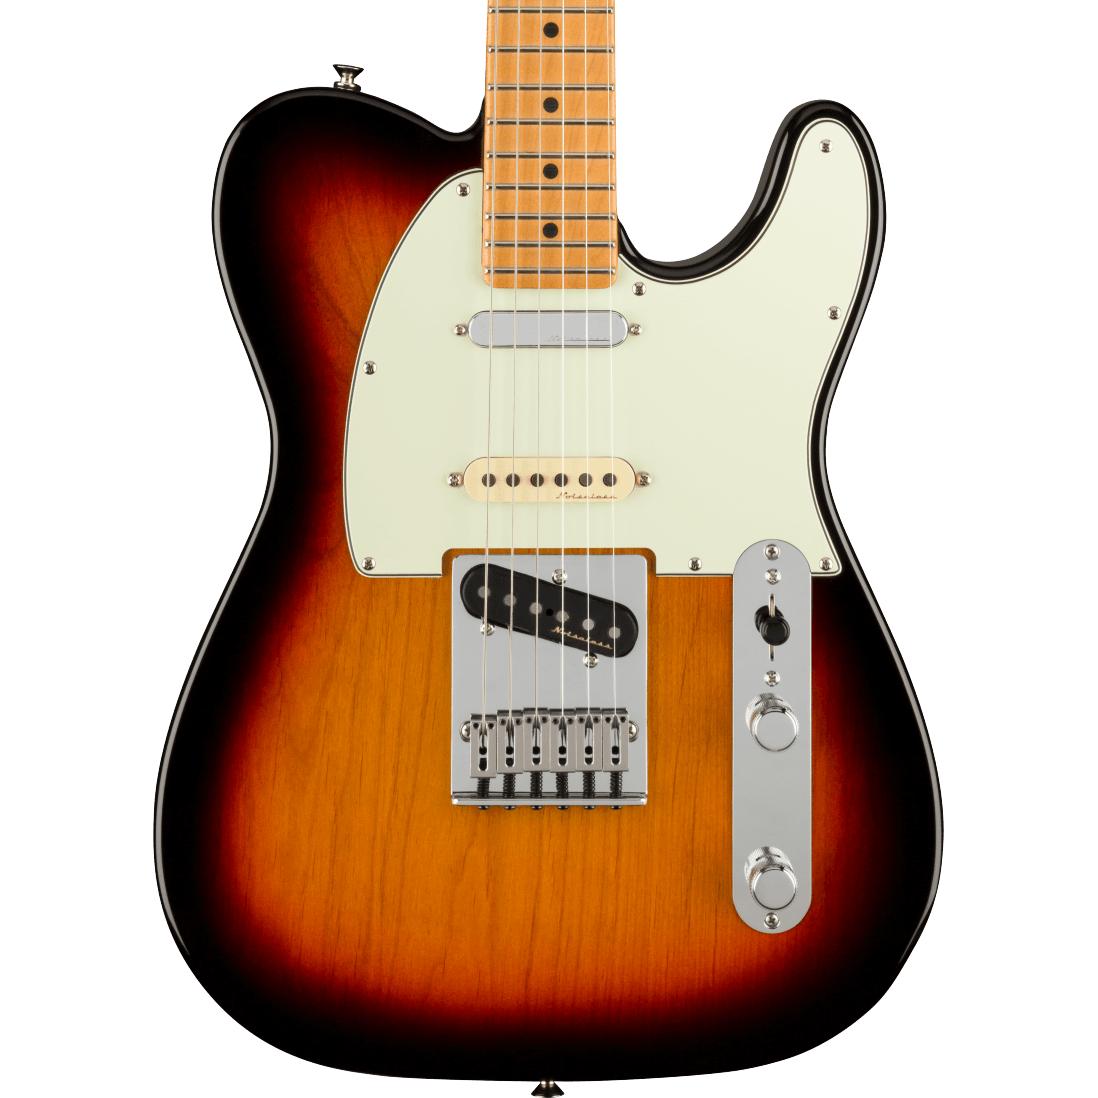 Fender Player Plus Nashville Telecaster - Maple Fingerboard, 3-Color Sunburst